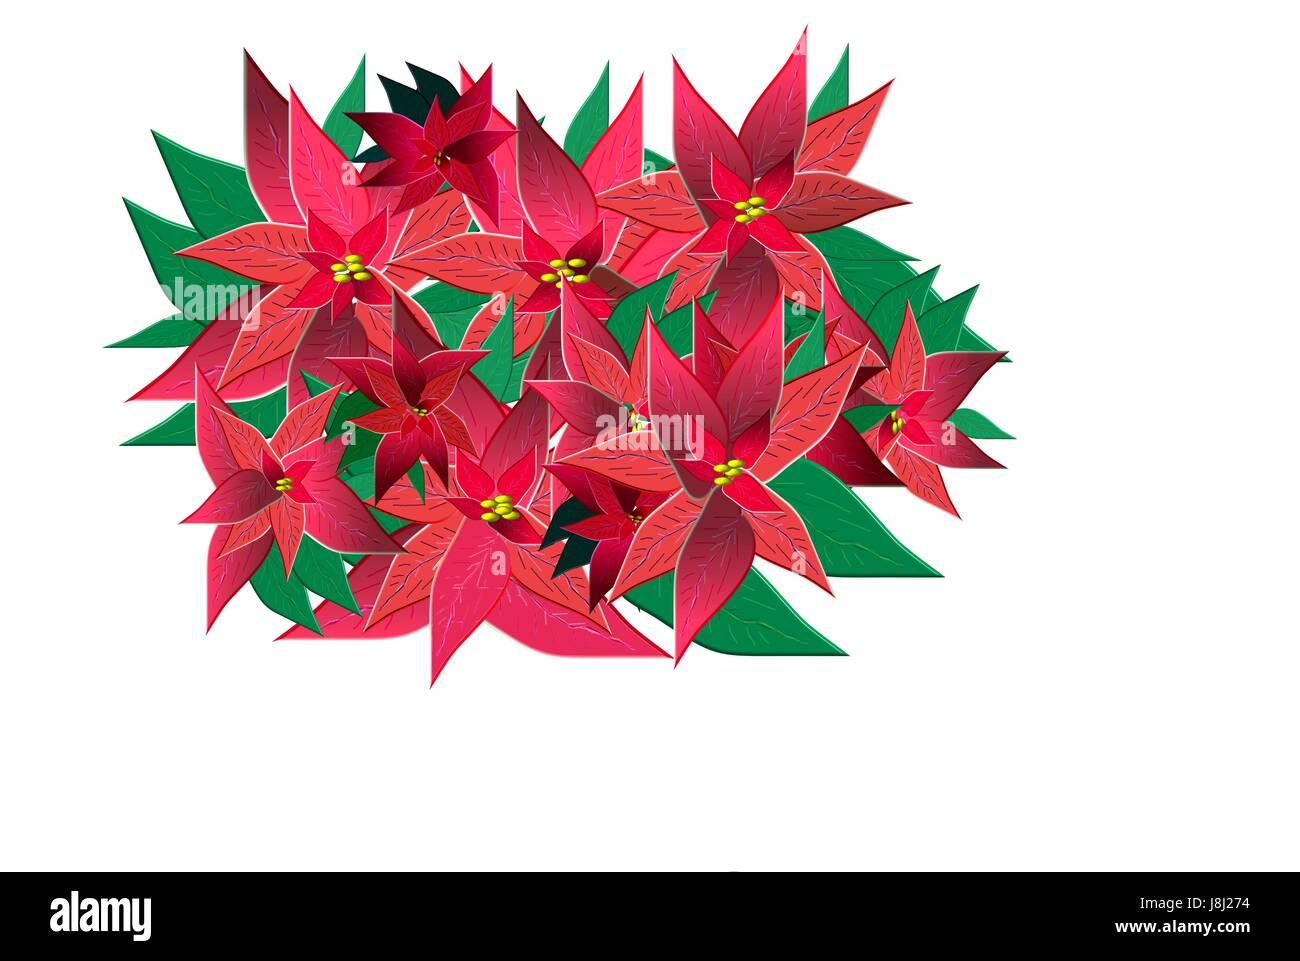 Advent, Weihnachtsstern, Weihnachten, Xmas, x-mas, blau, isoliert ...